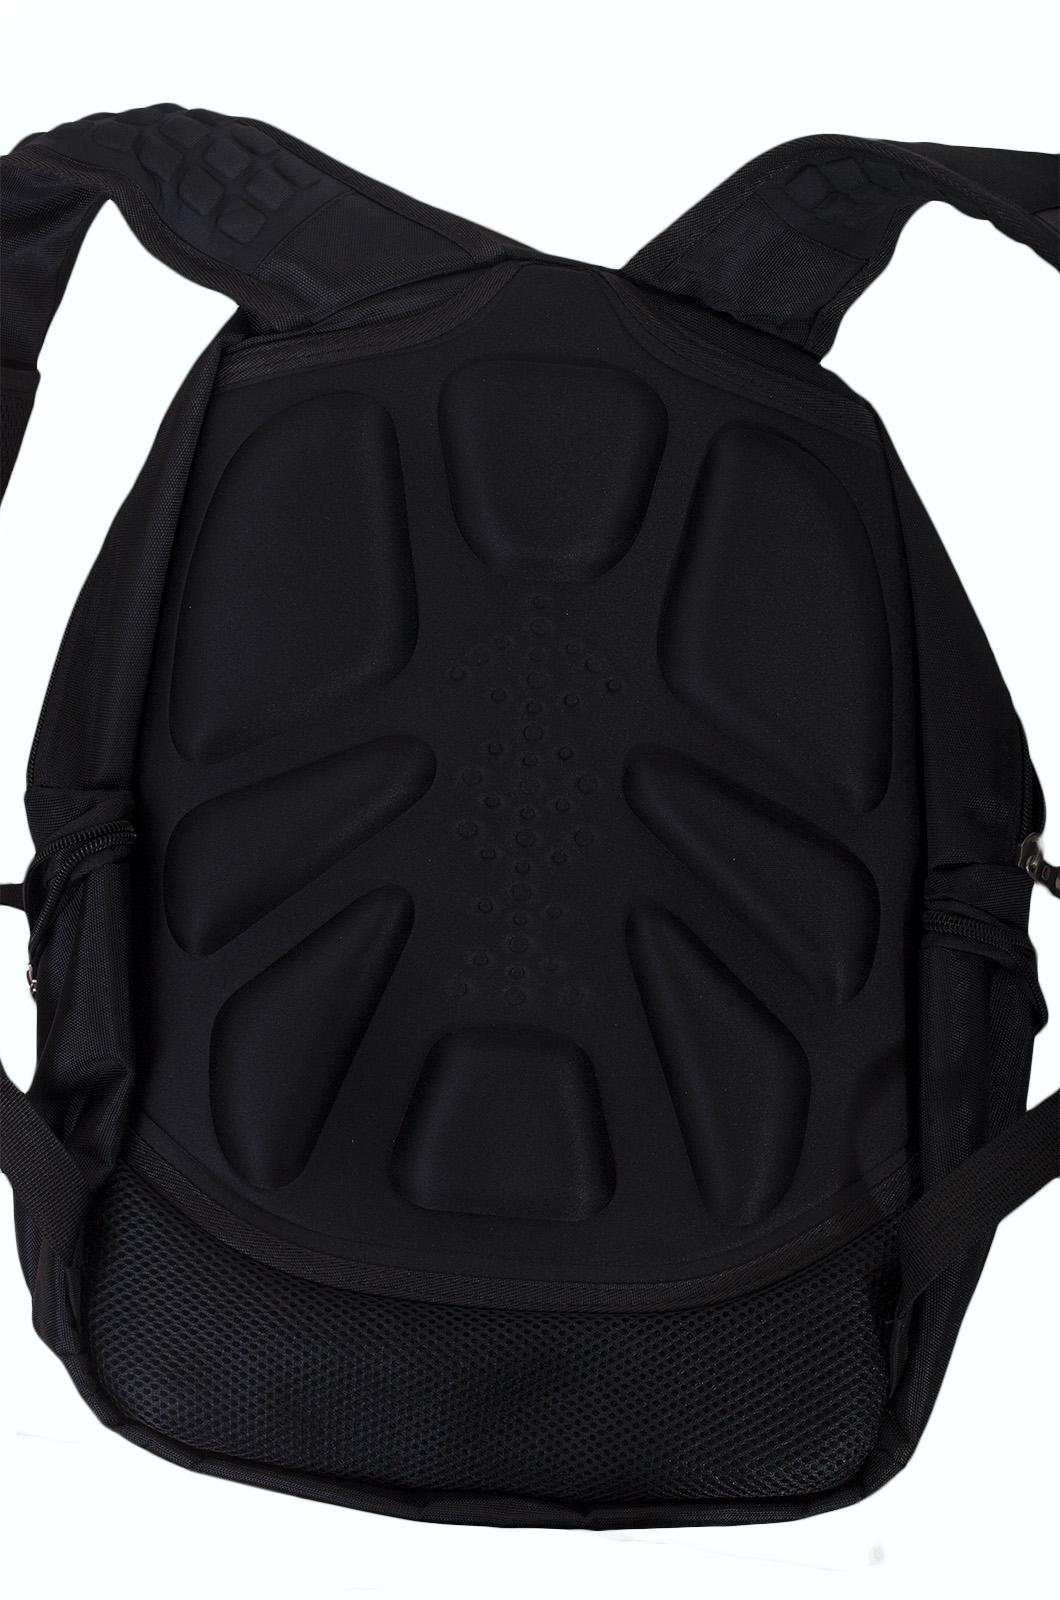 Функциональный заплечный рюкзак с нашивкой Россия купить онлайн